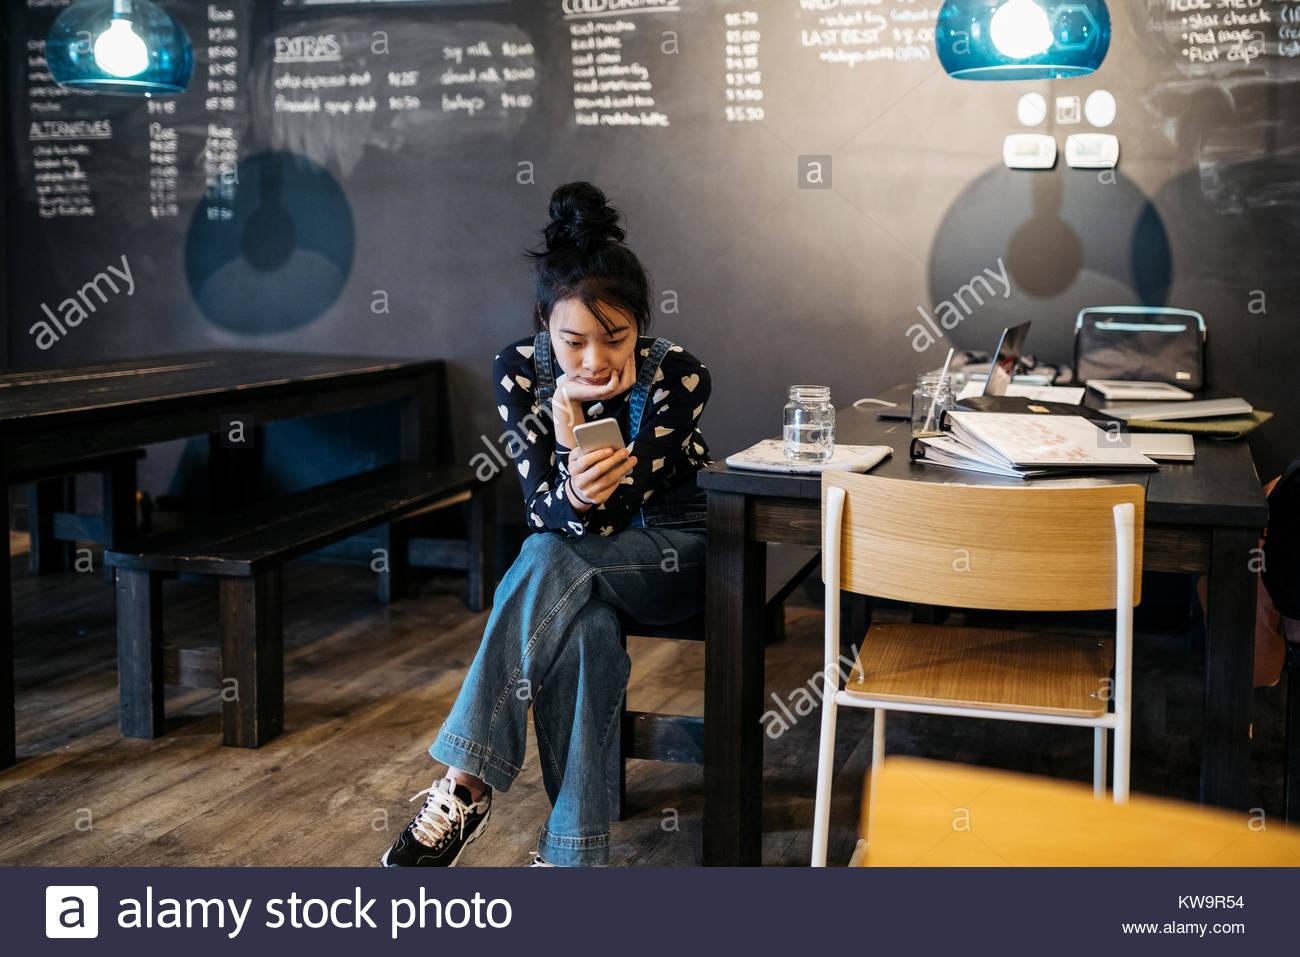 Interpolación de Asia chica texto con teléfonos inteligentes en la mesita de café Imagen De Stock